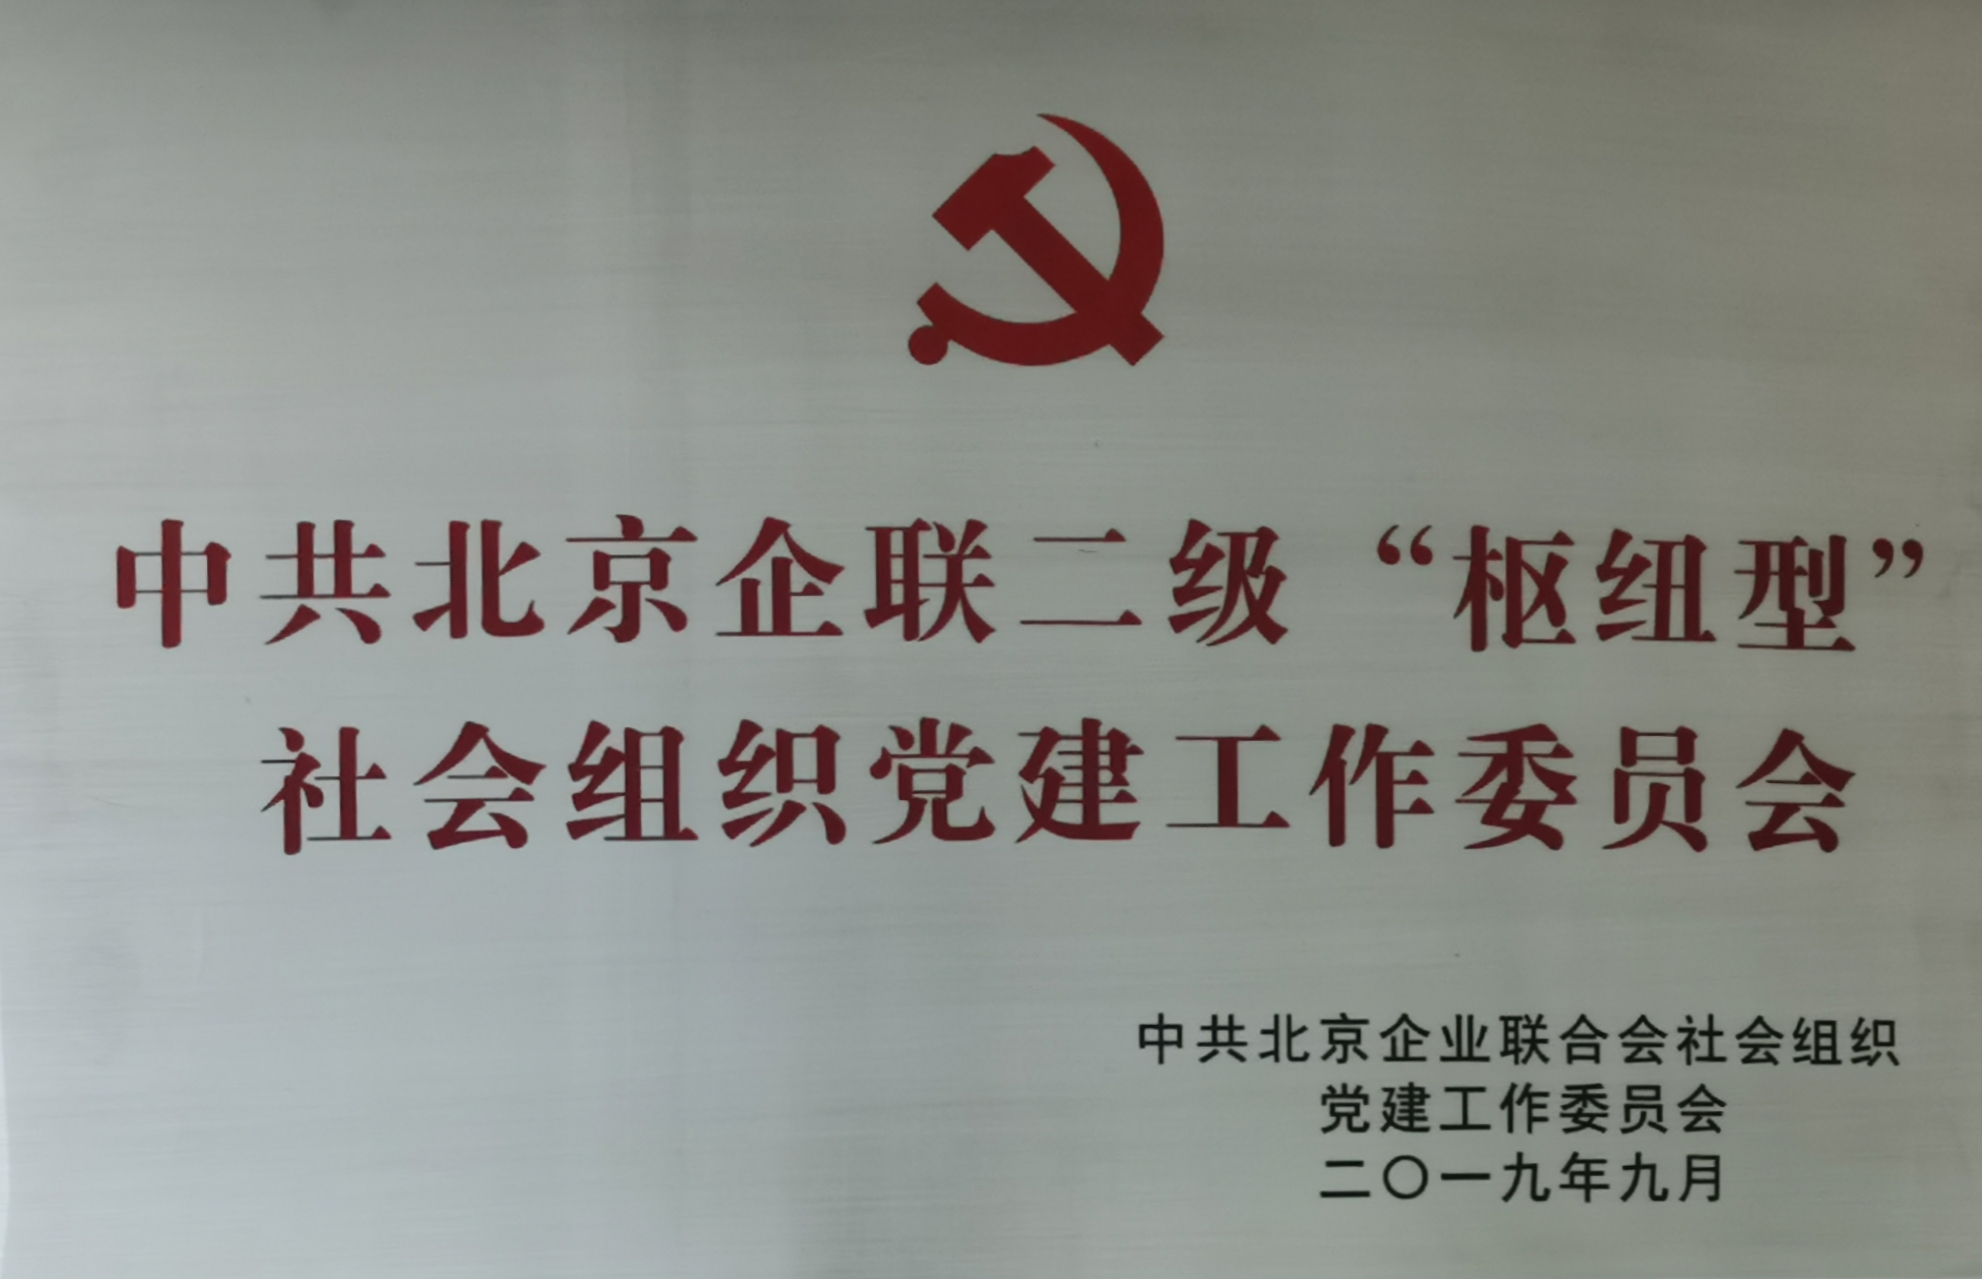 社会组织党建工作委员会